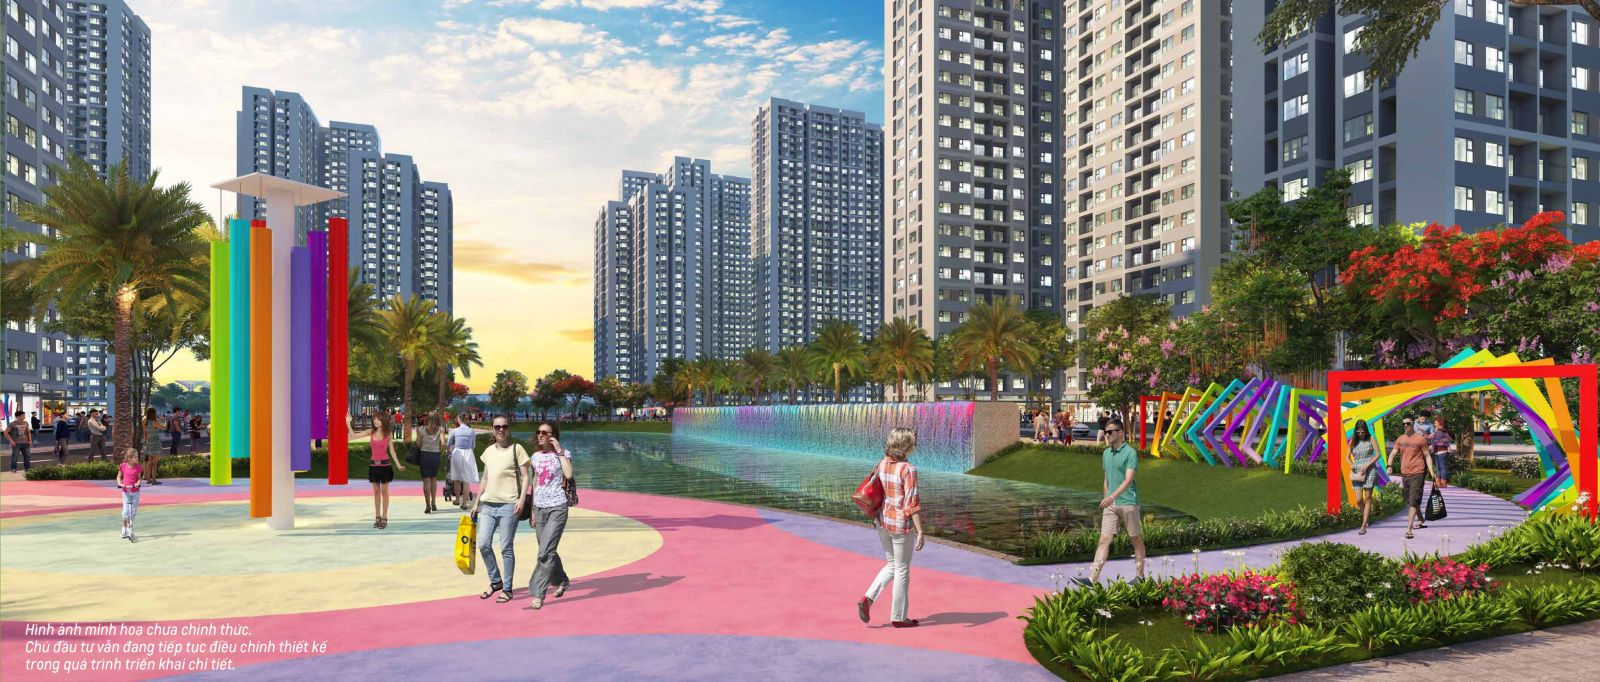 Phối cảnh phân khu The Rainbow dự án Vinhomes Grand Park Quận 9